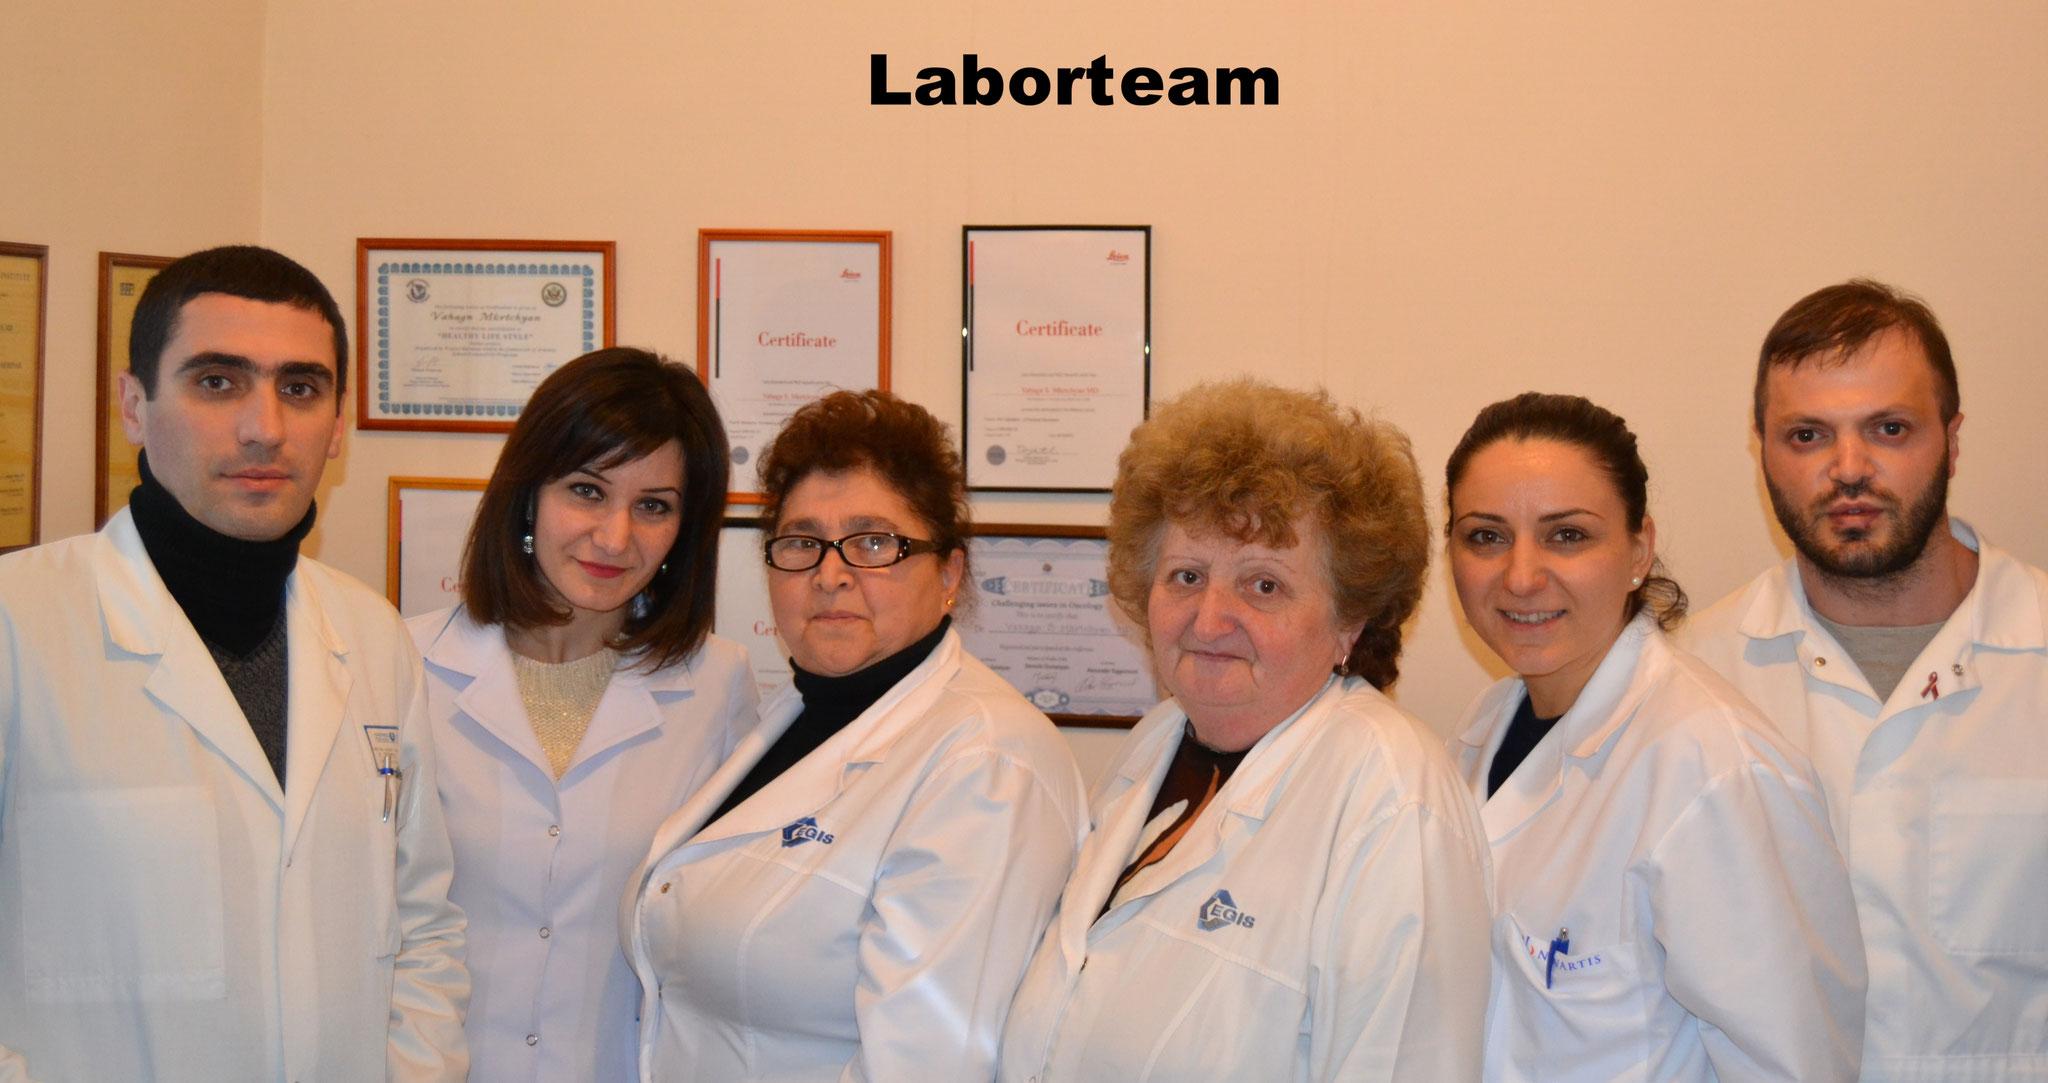 Das Laborteam